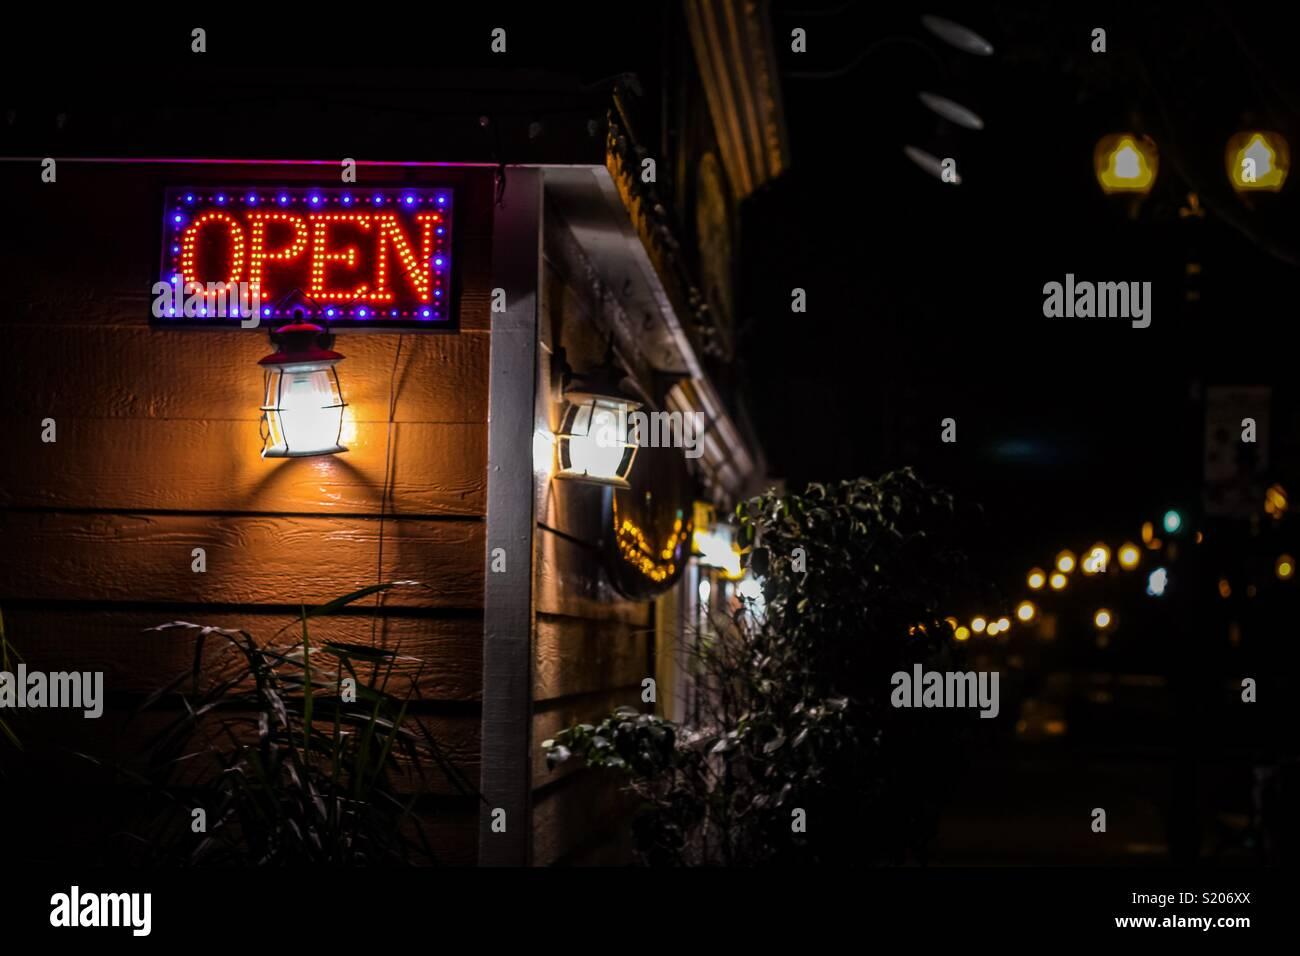 Côté ouvert éclairée le soir dans une petite ville avec une décoration ancienne Photo Stock